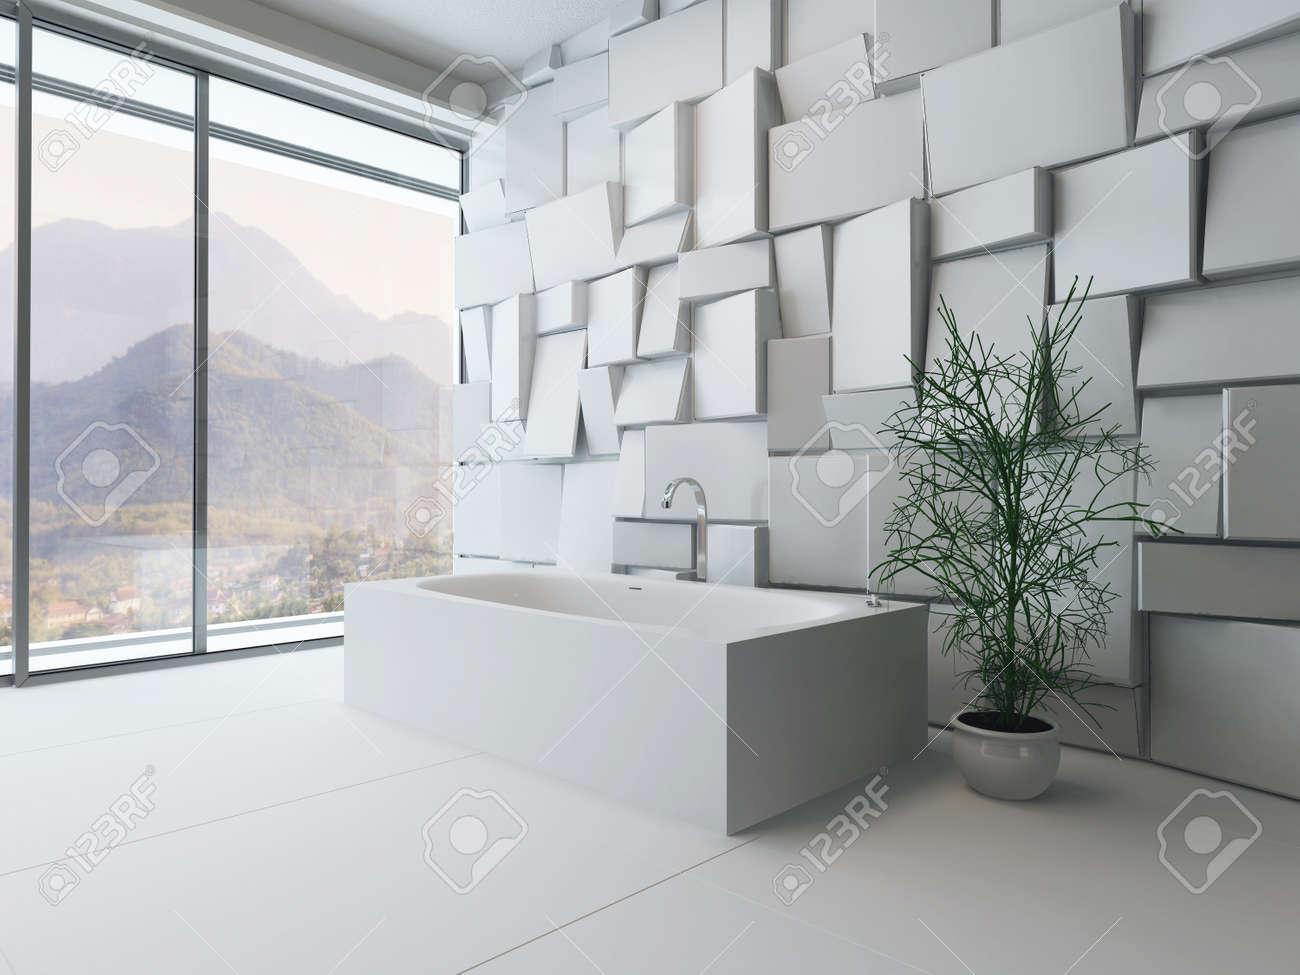 Modern Badkamer Interieur : Plaatje van moderne luxe badkamer interieur met bad tegen mozaïek